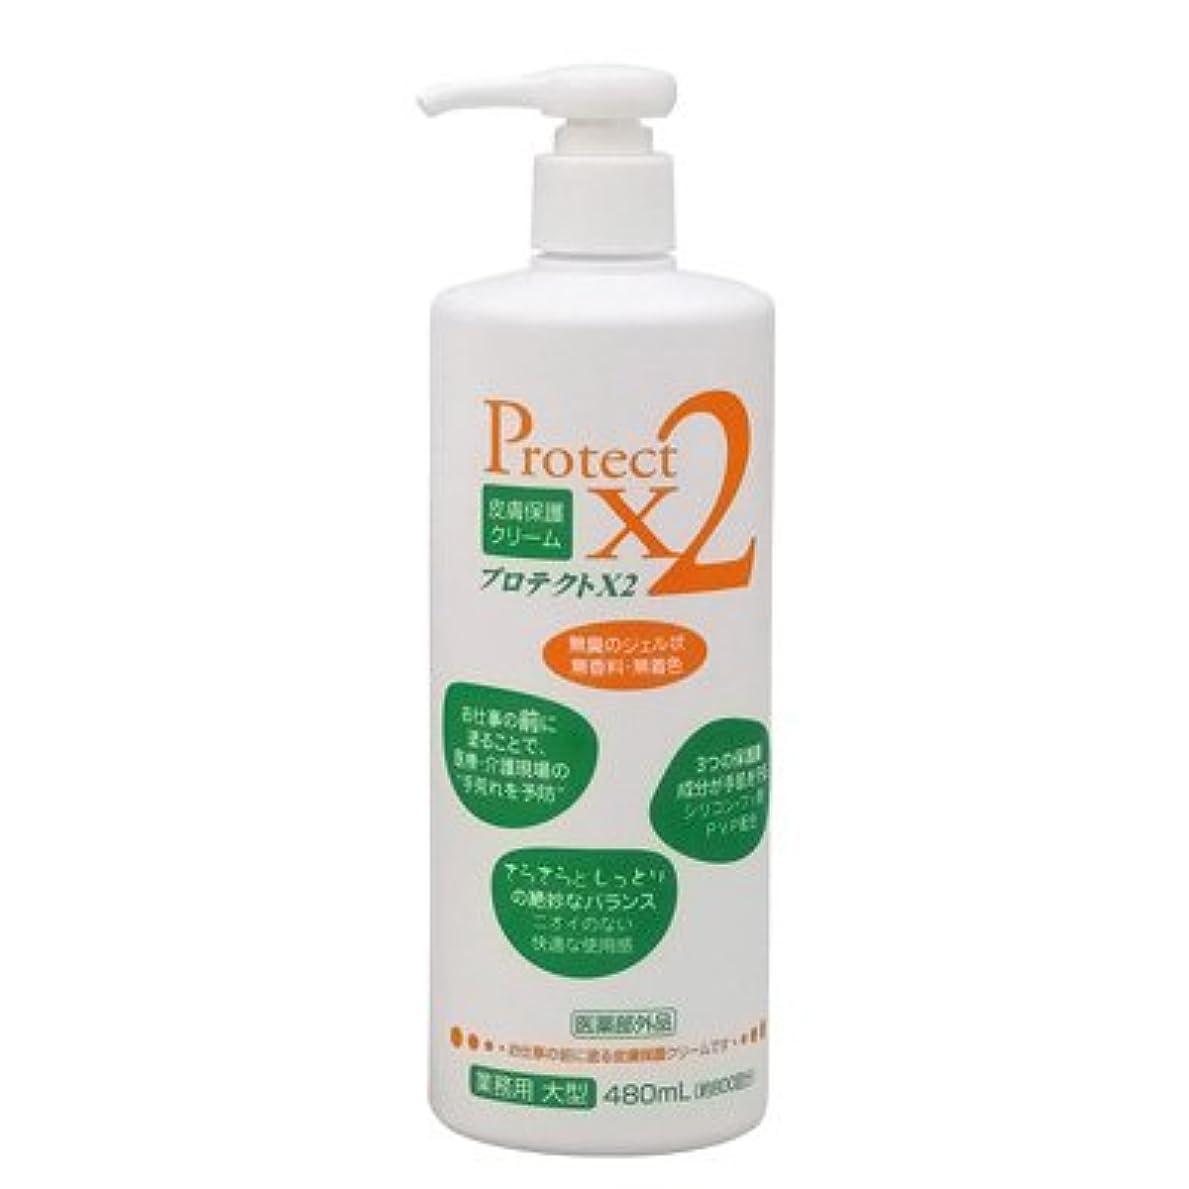 がっかりするアコード比較的皮膚保護クリーム プロテクトX2 480ml(大型)